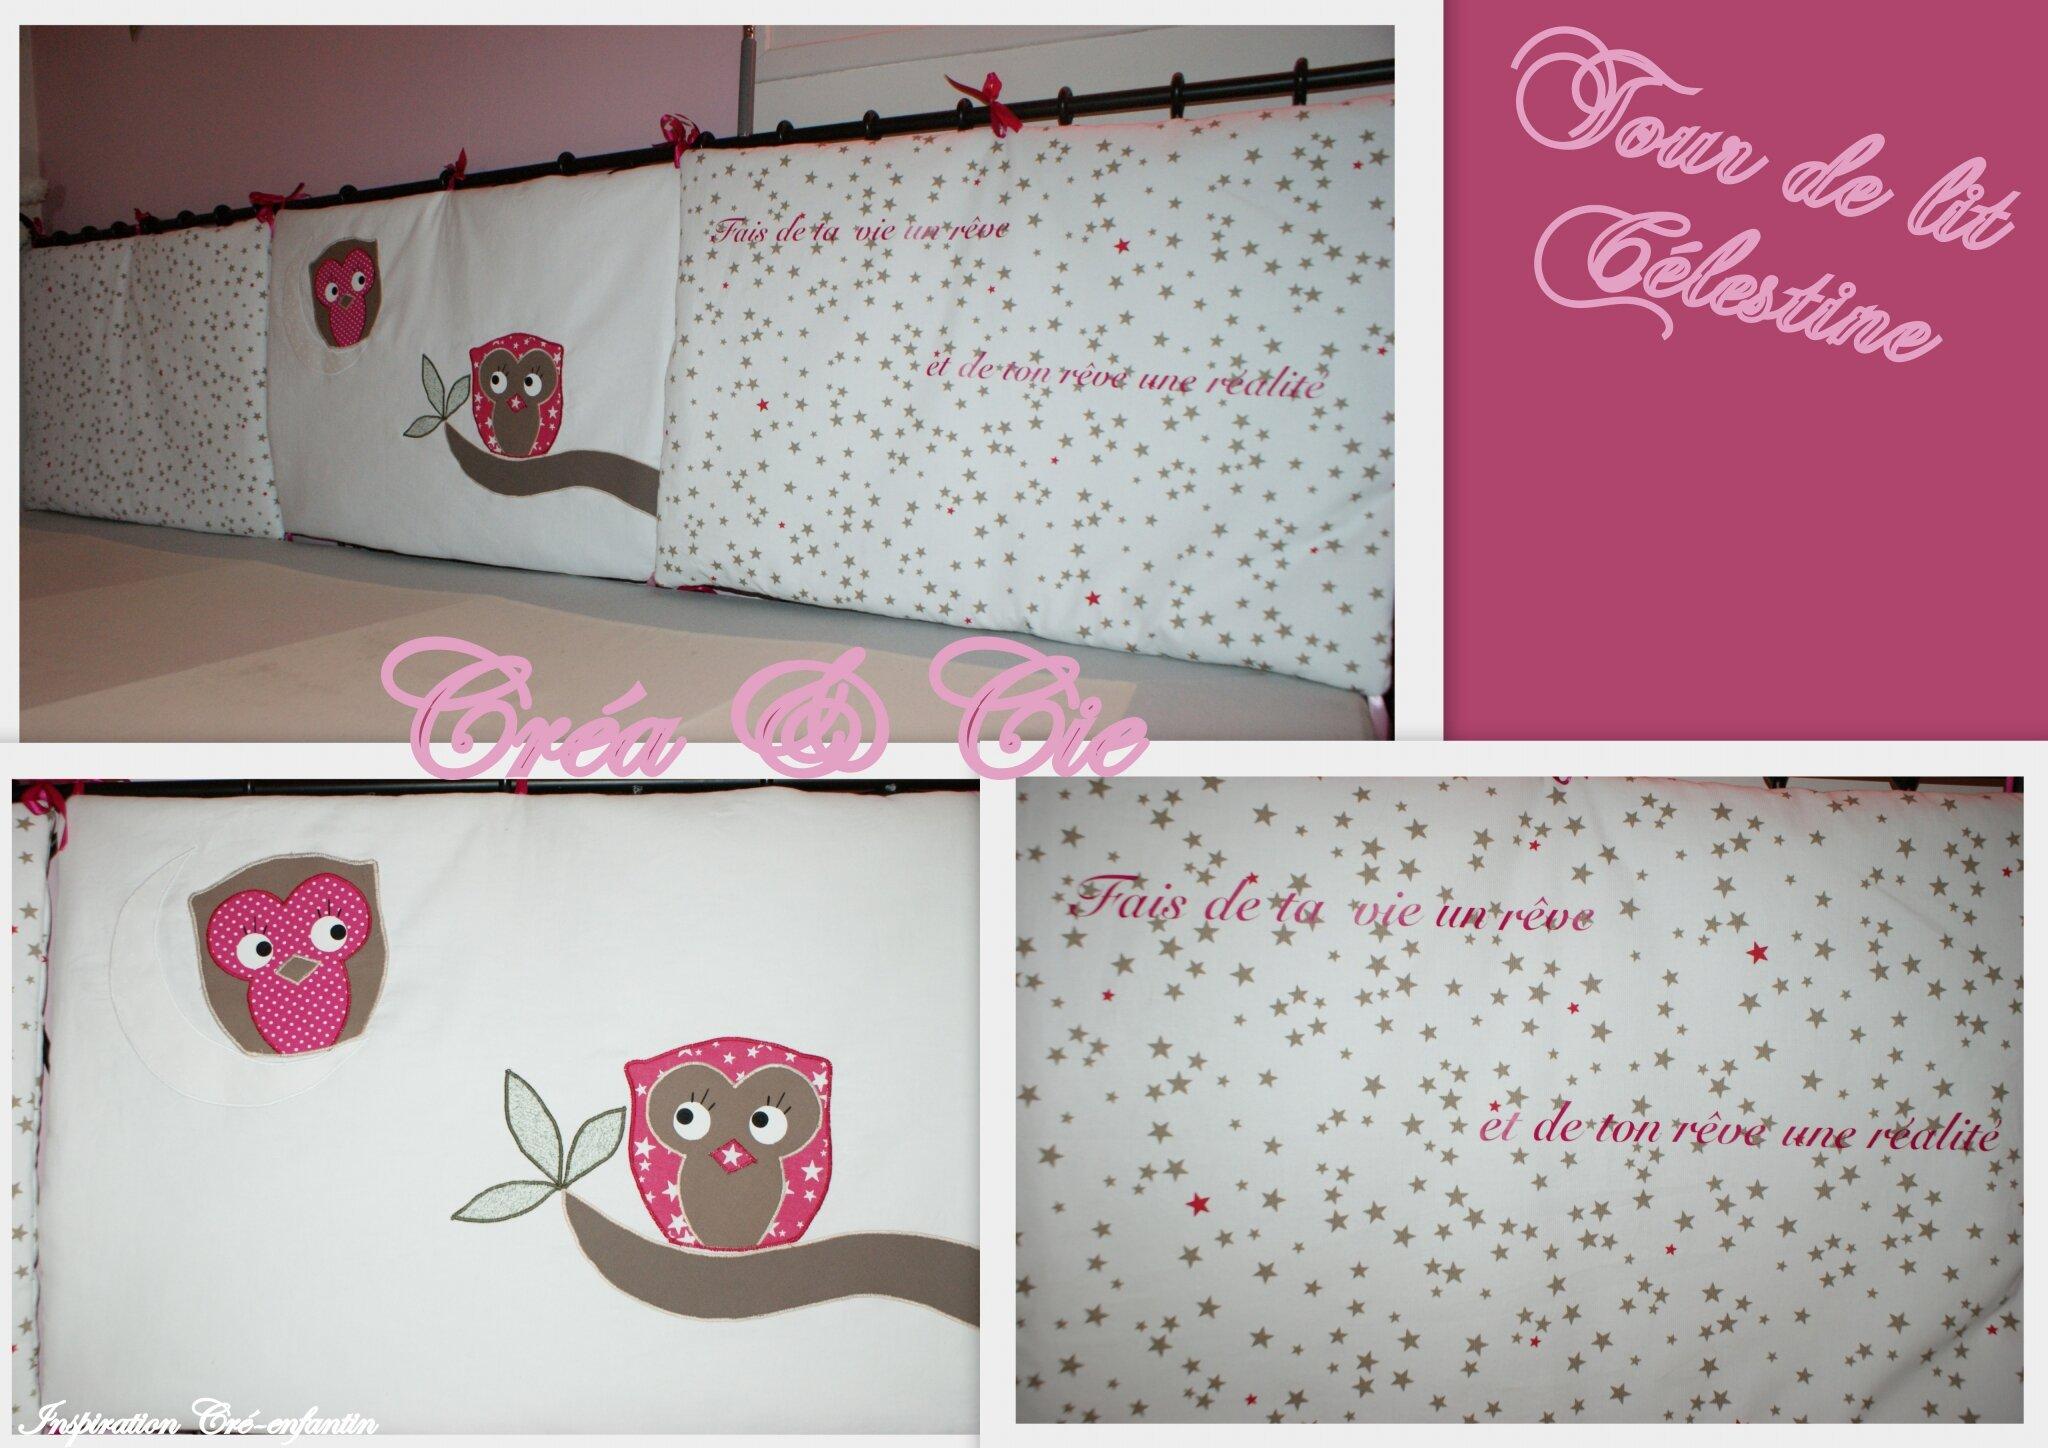 tour de lit c lestine photo de couture b b cr a et cie la couture dans tous ses tats. Black Bedroom Furniture Sets. Home Design Ideas